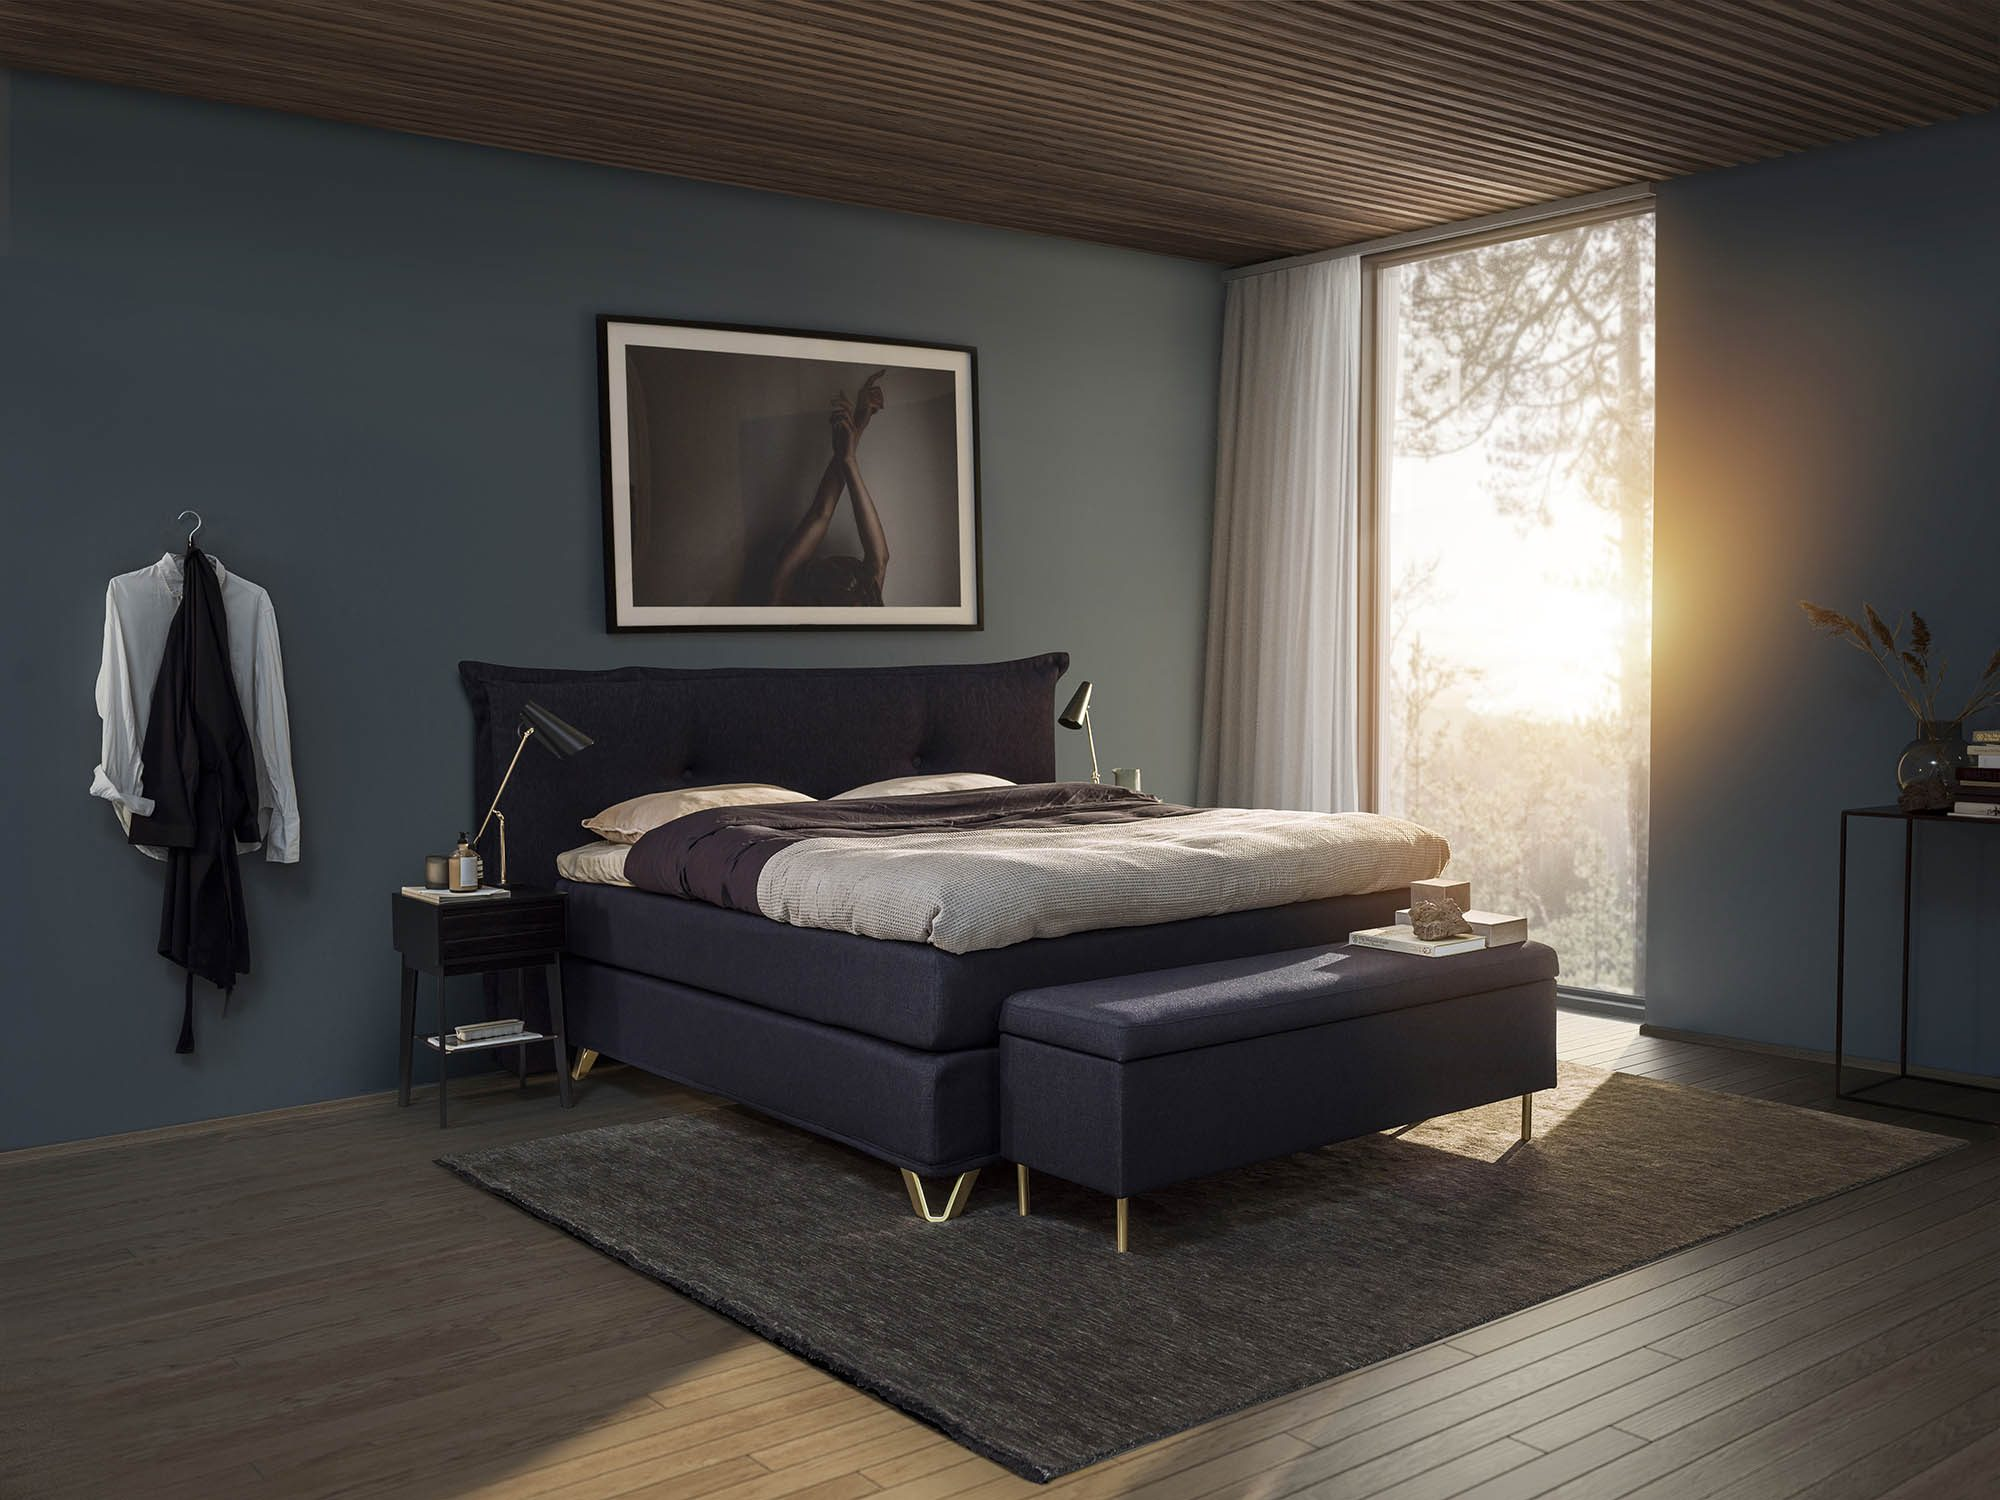 Miljöbild på sänggaveln med namnet Cosy från Jensen.